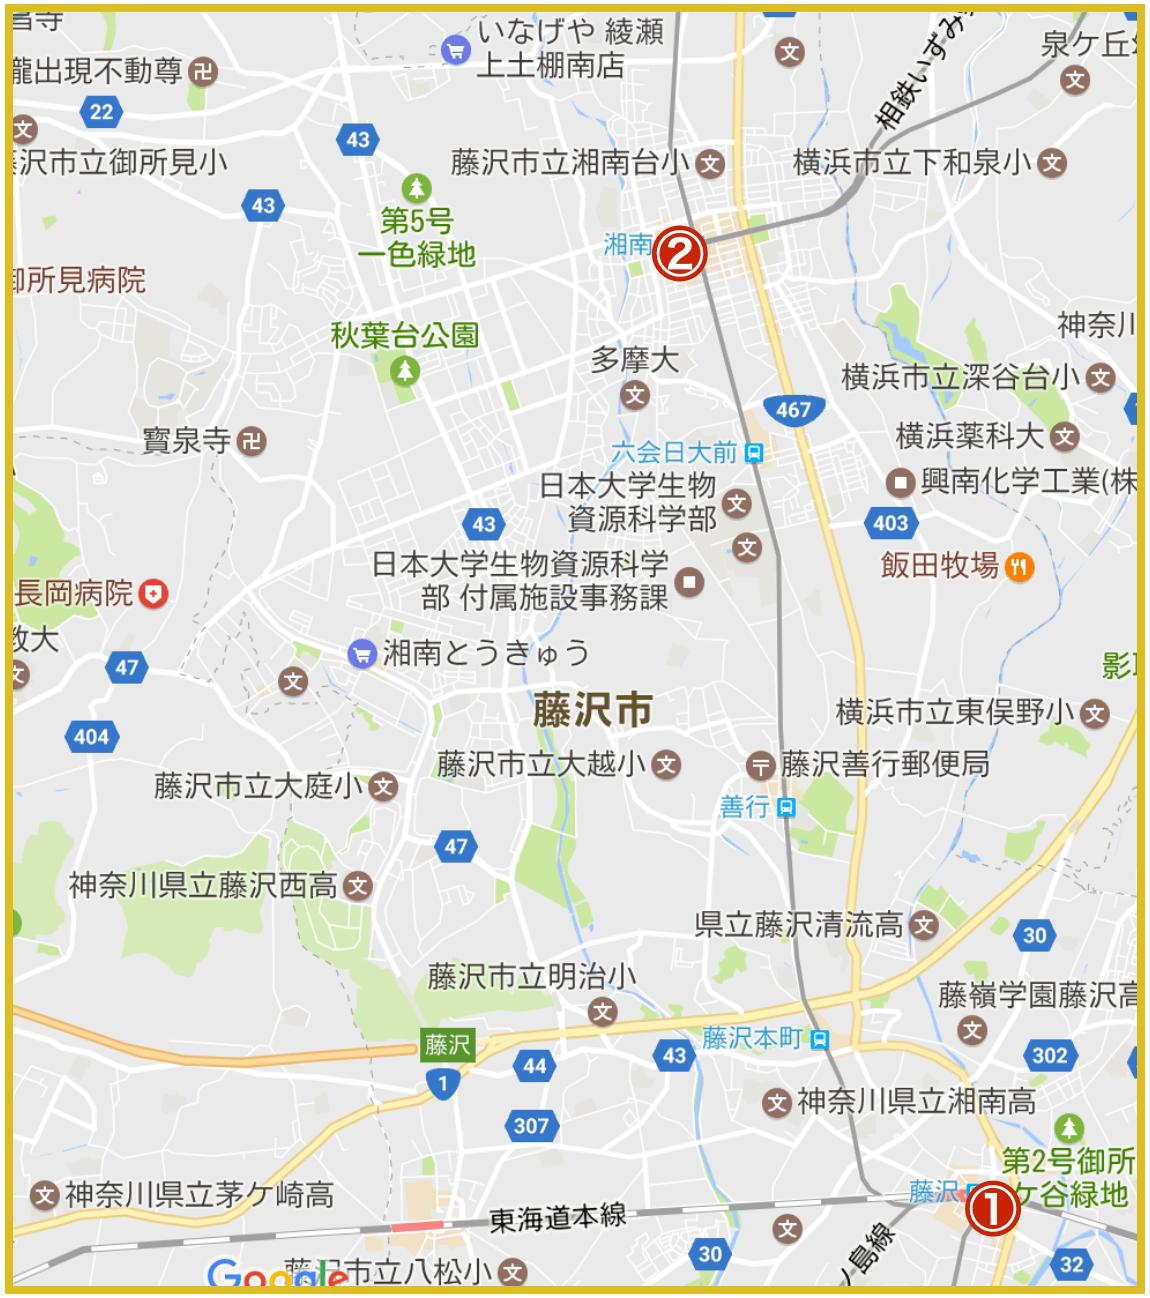 藤沢市にあるプロミス店舗・ATMの位置(2020年版)